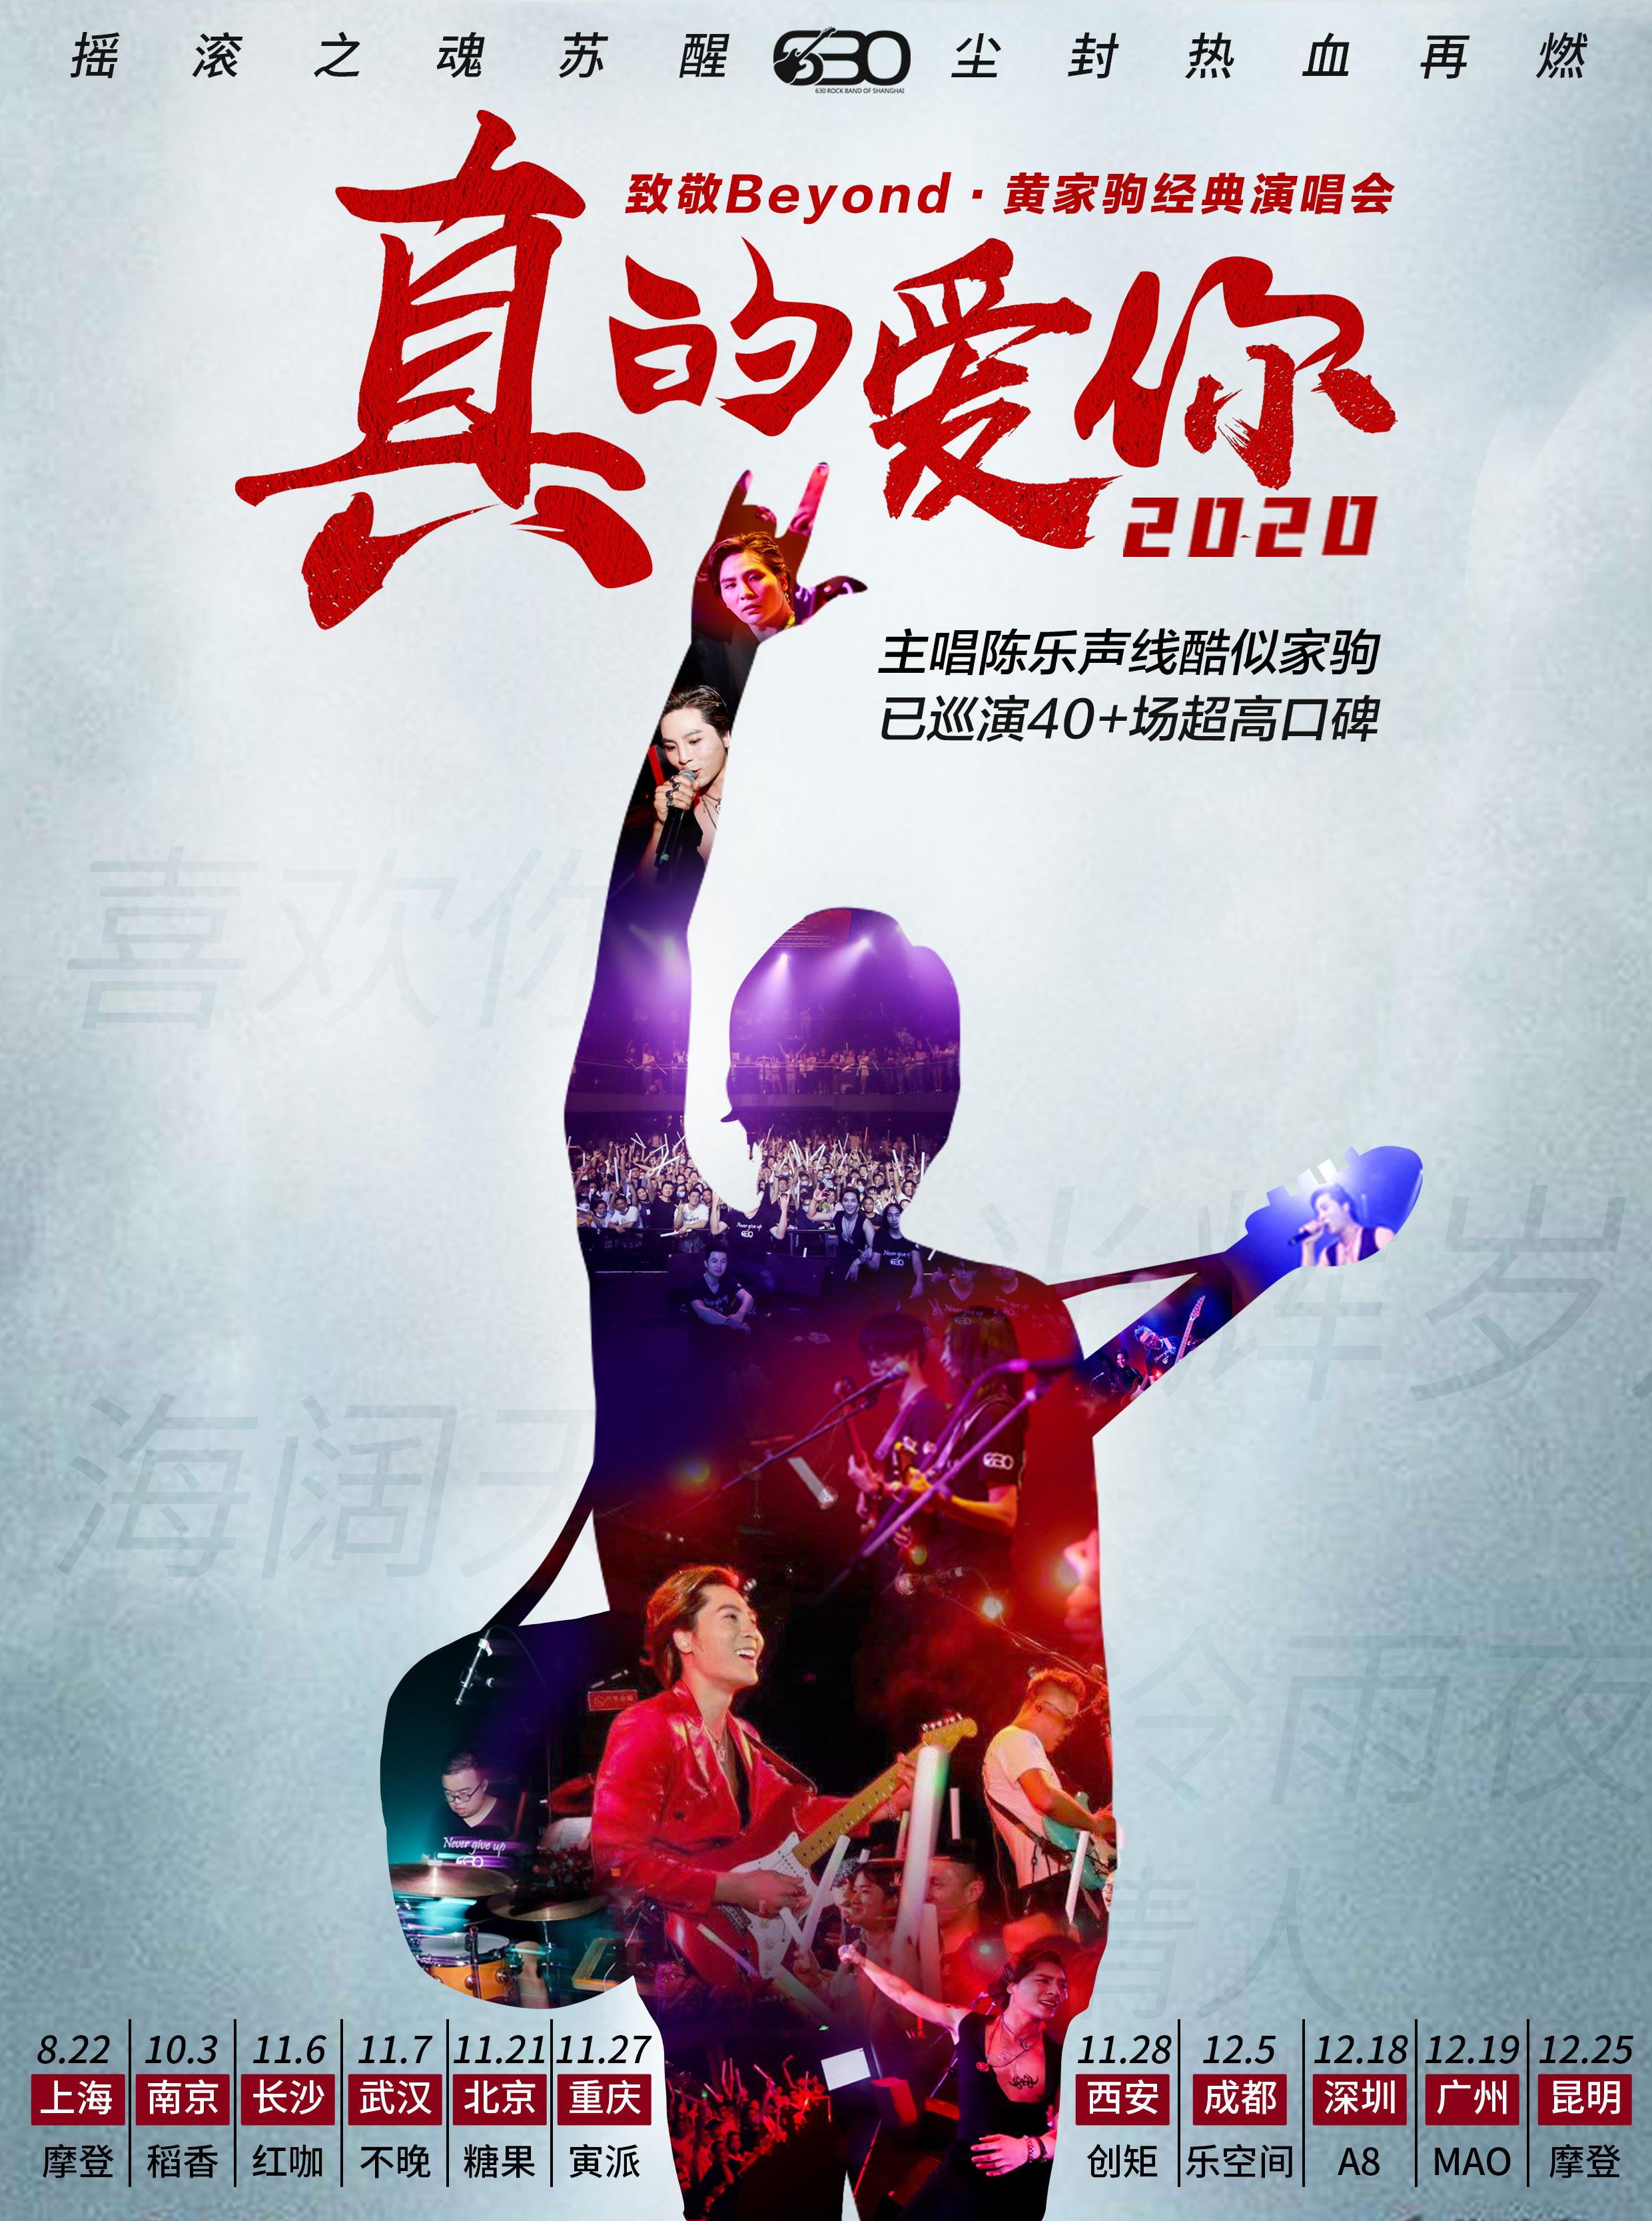 【重庆】真的爱你-致敬BEYOND·黄家驹演唱会重庆站